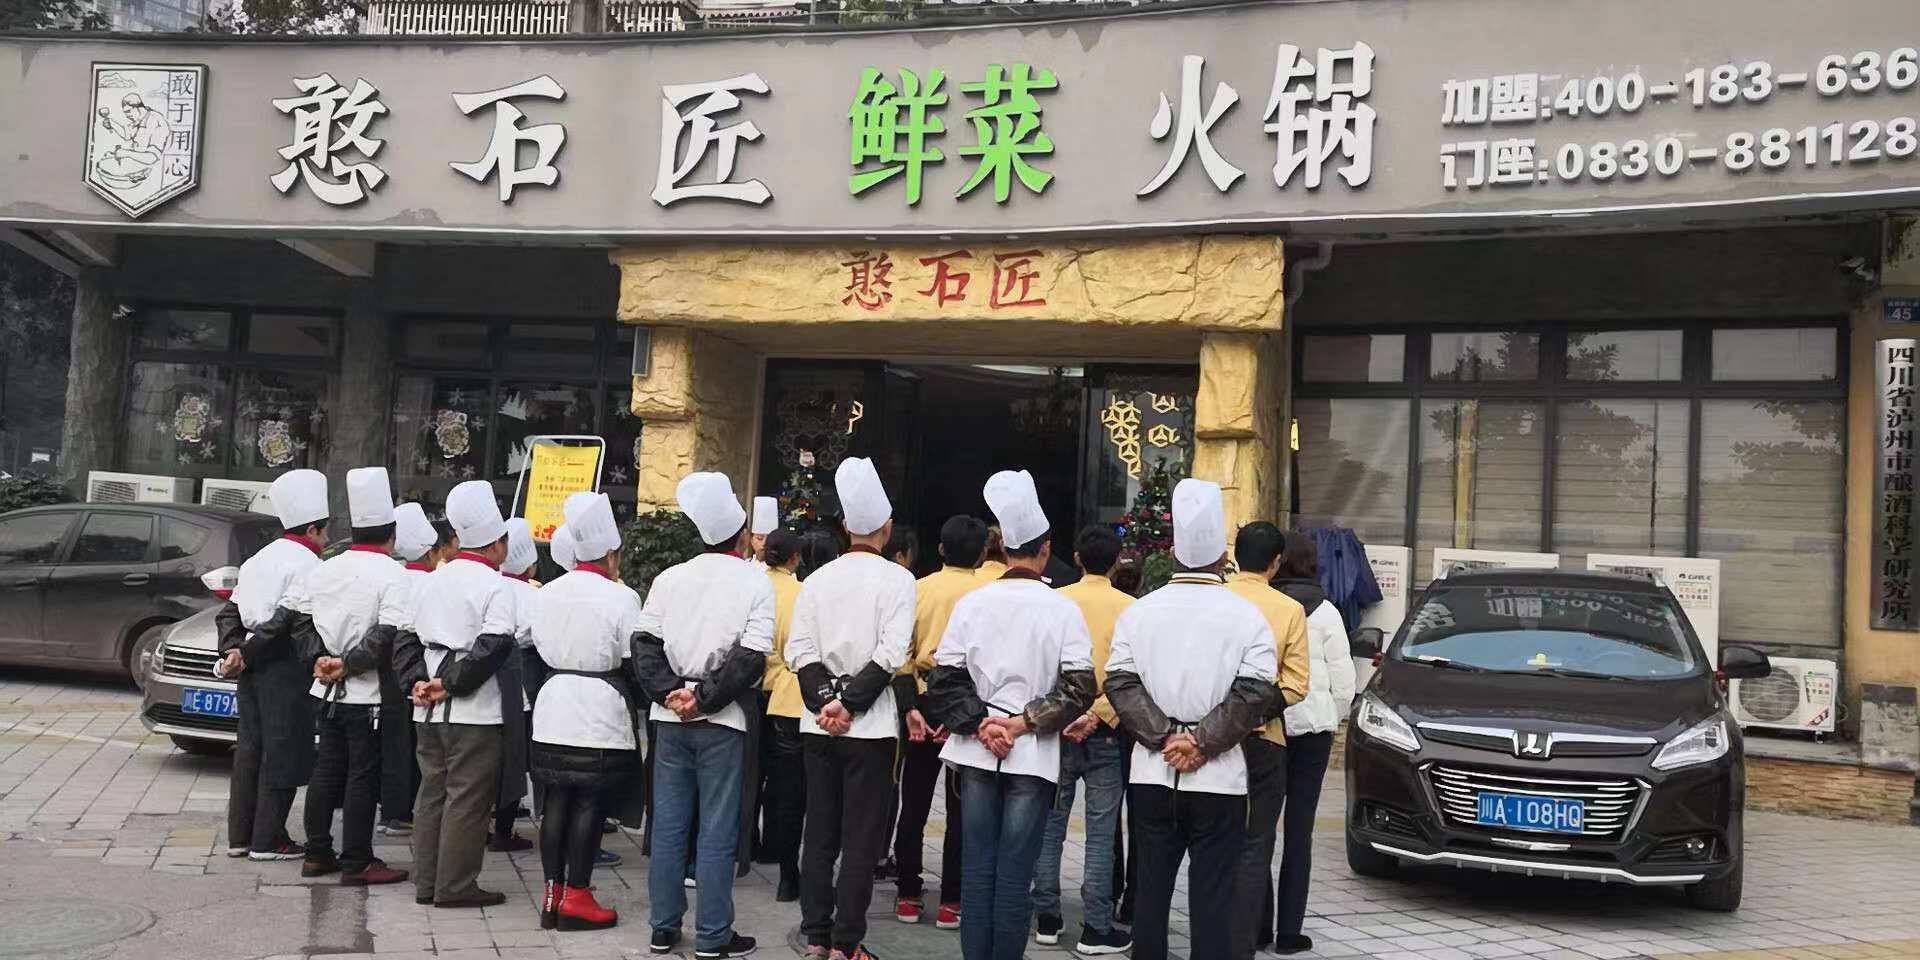 重庆火锅加盟店如何避免亏损并实现盈利呢?